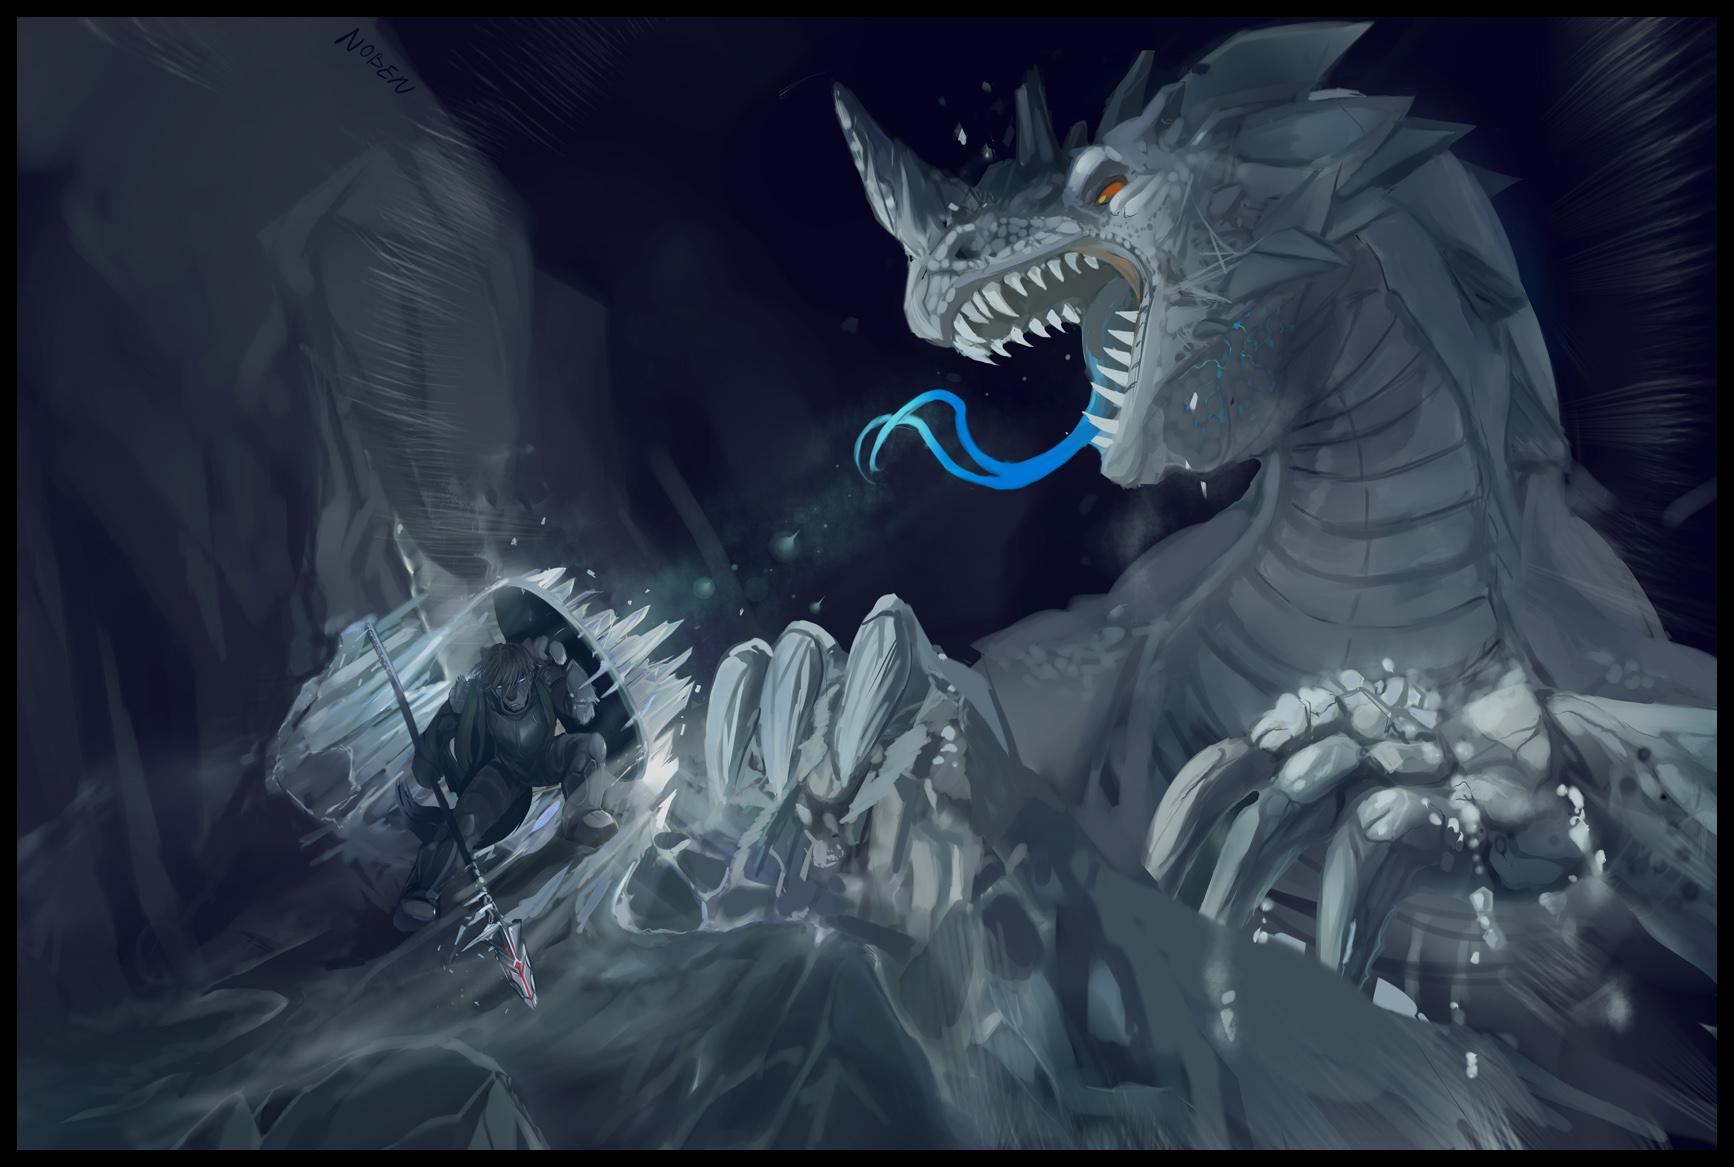 Commission - Defender by Noben